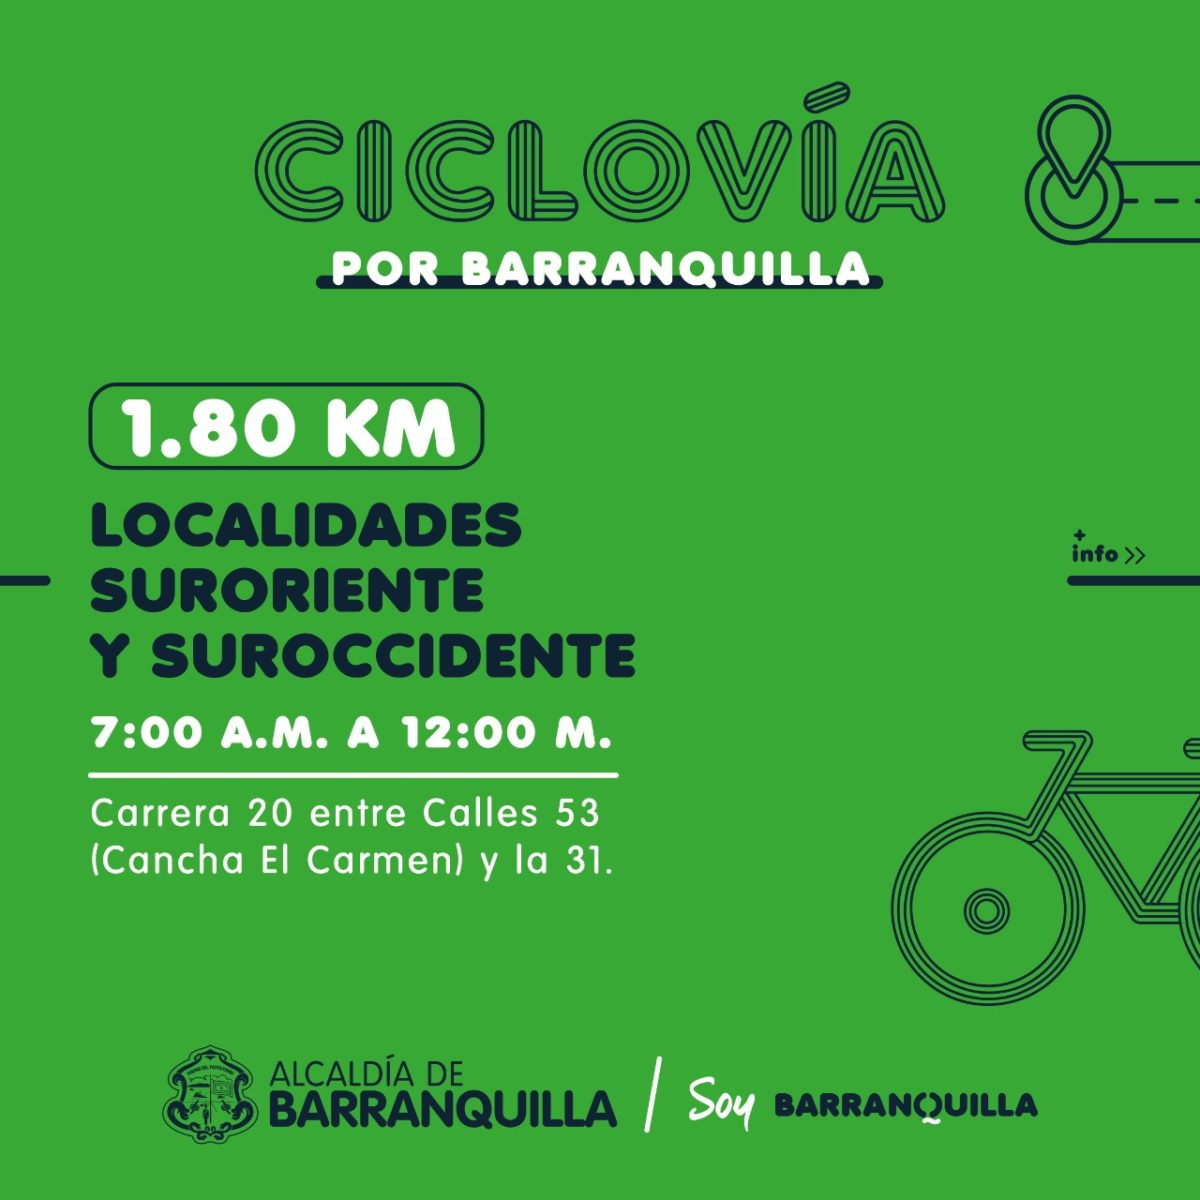 Vuelven las ciclovías en Barranquilla